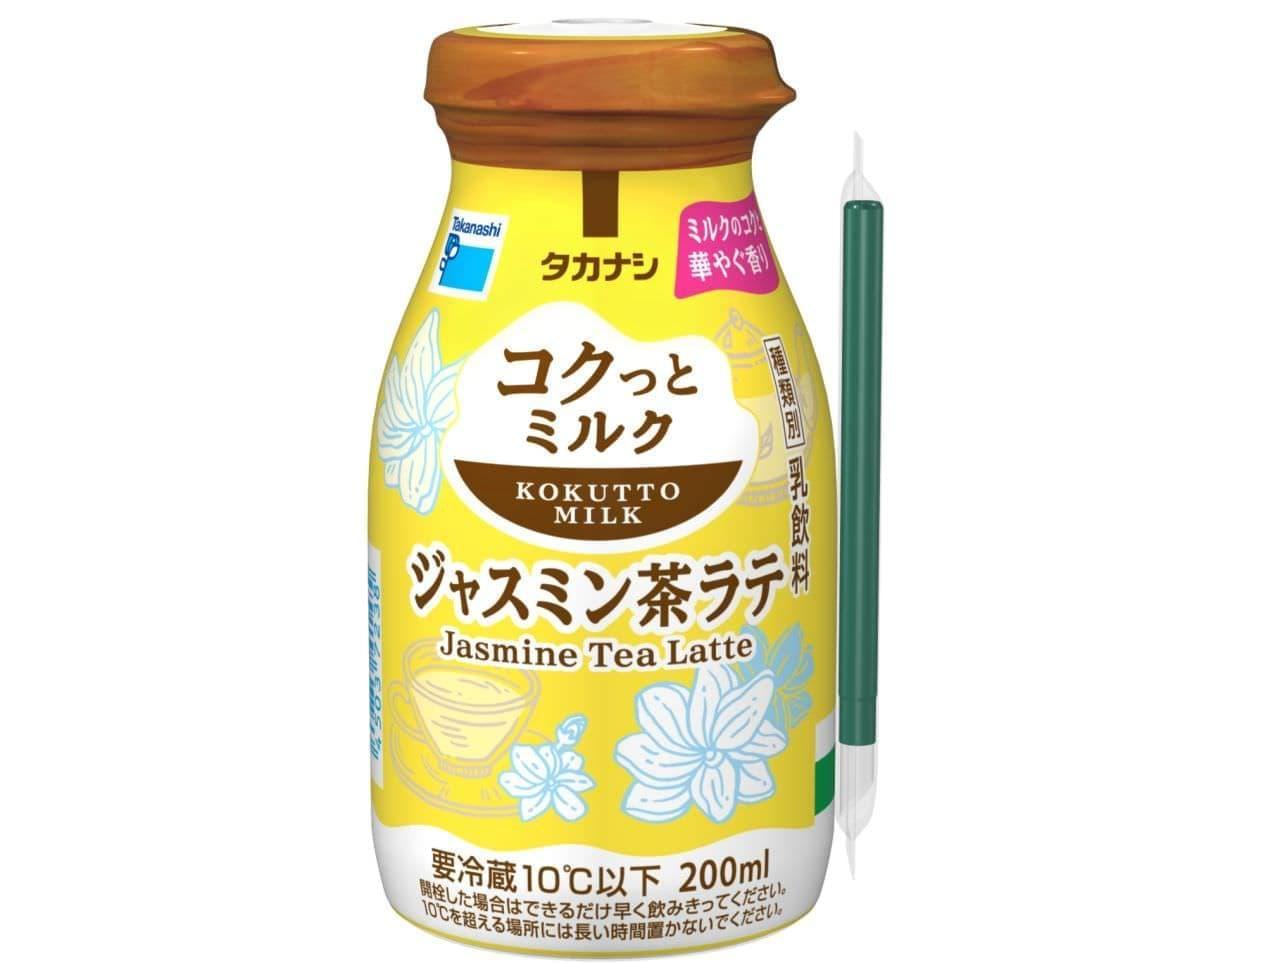 タカナシ乳業「タカナシ コクっとミルク ジャスミン茶ラテ」